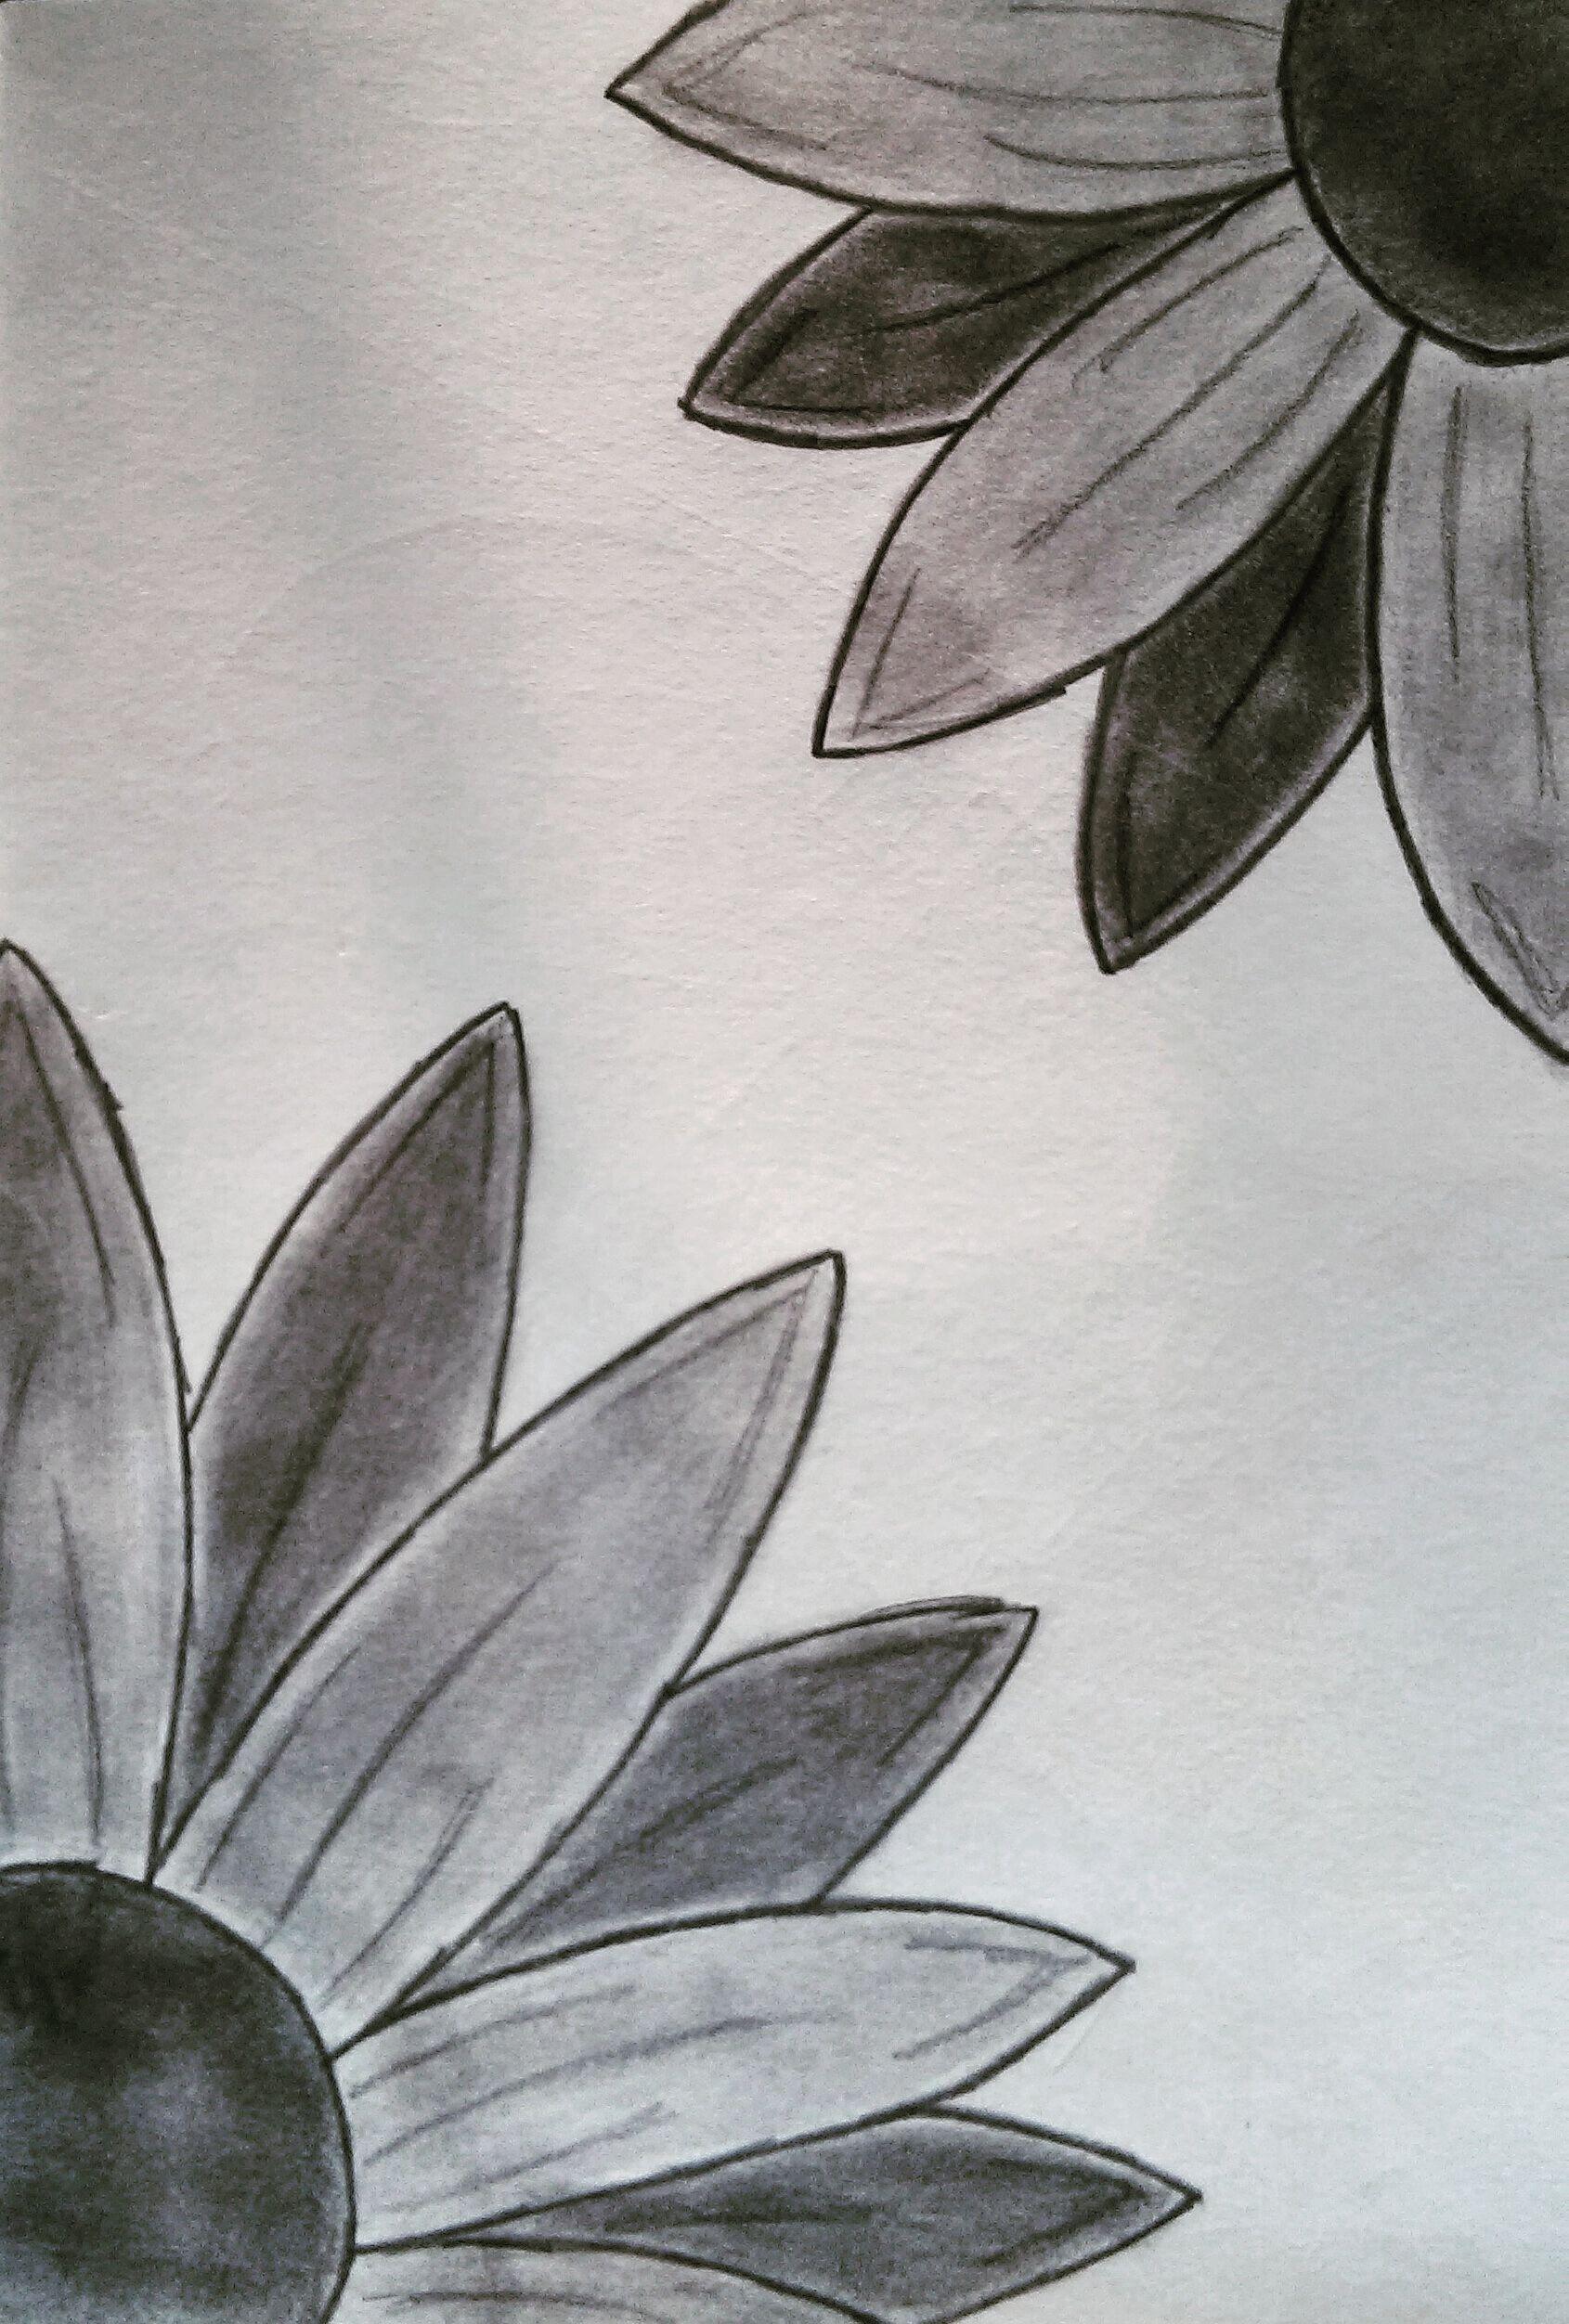 peek-a-boo flowers | Pencil drawings, Easy drawings, Drawings